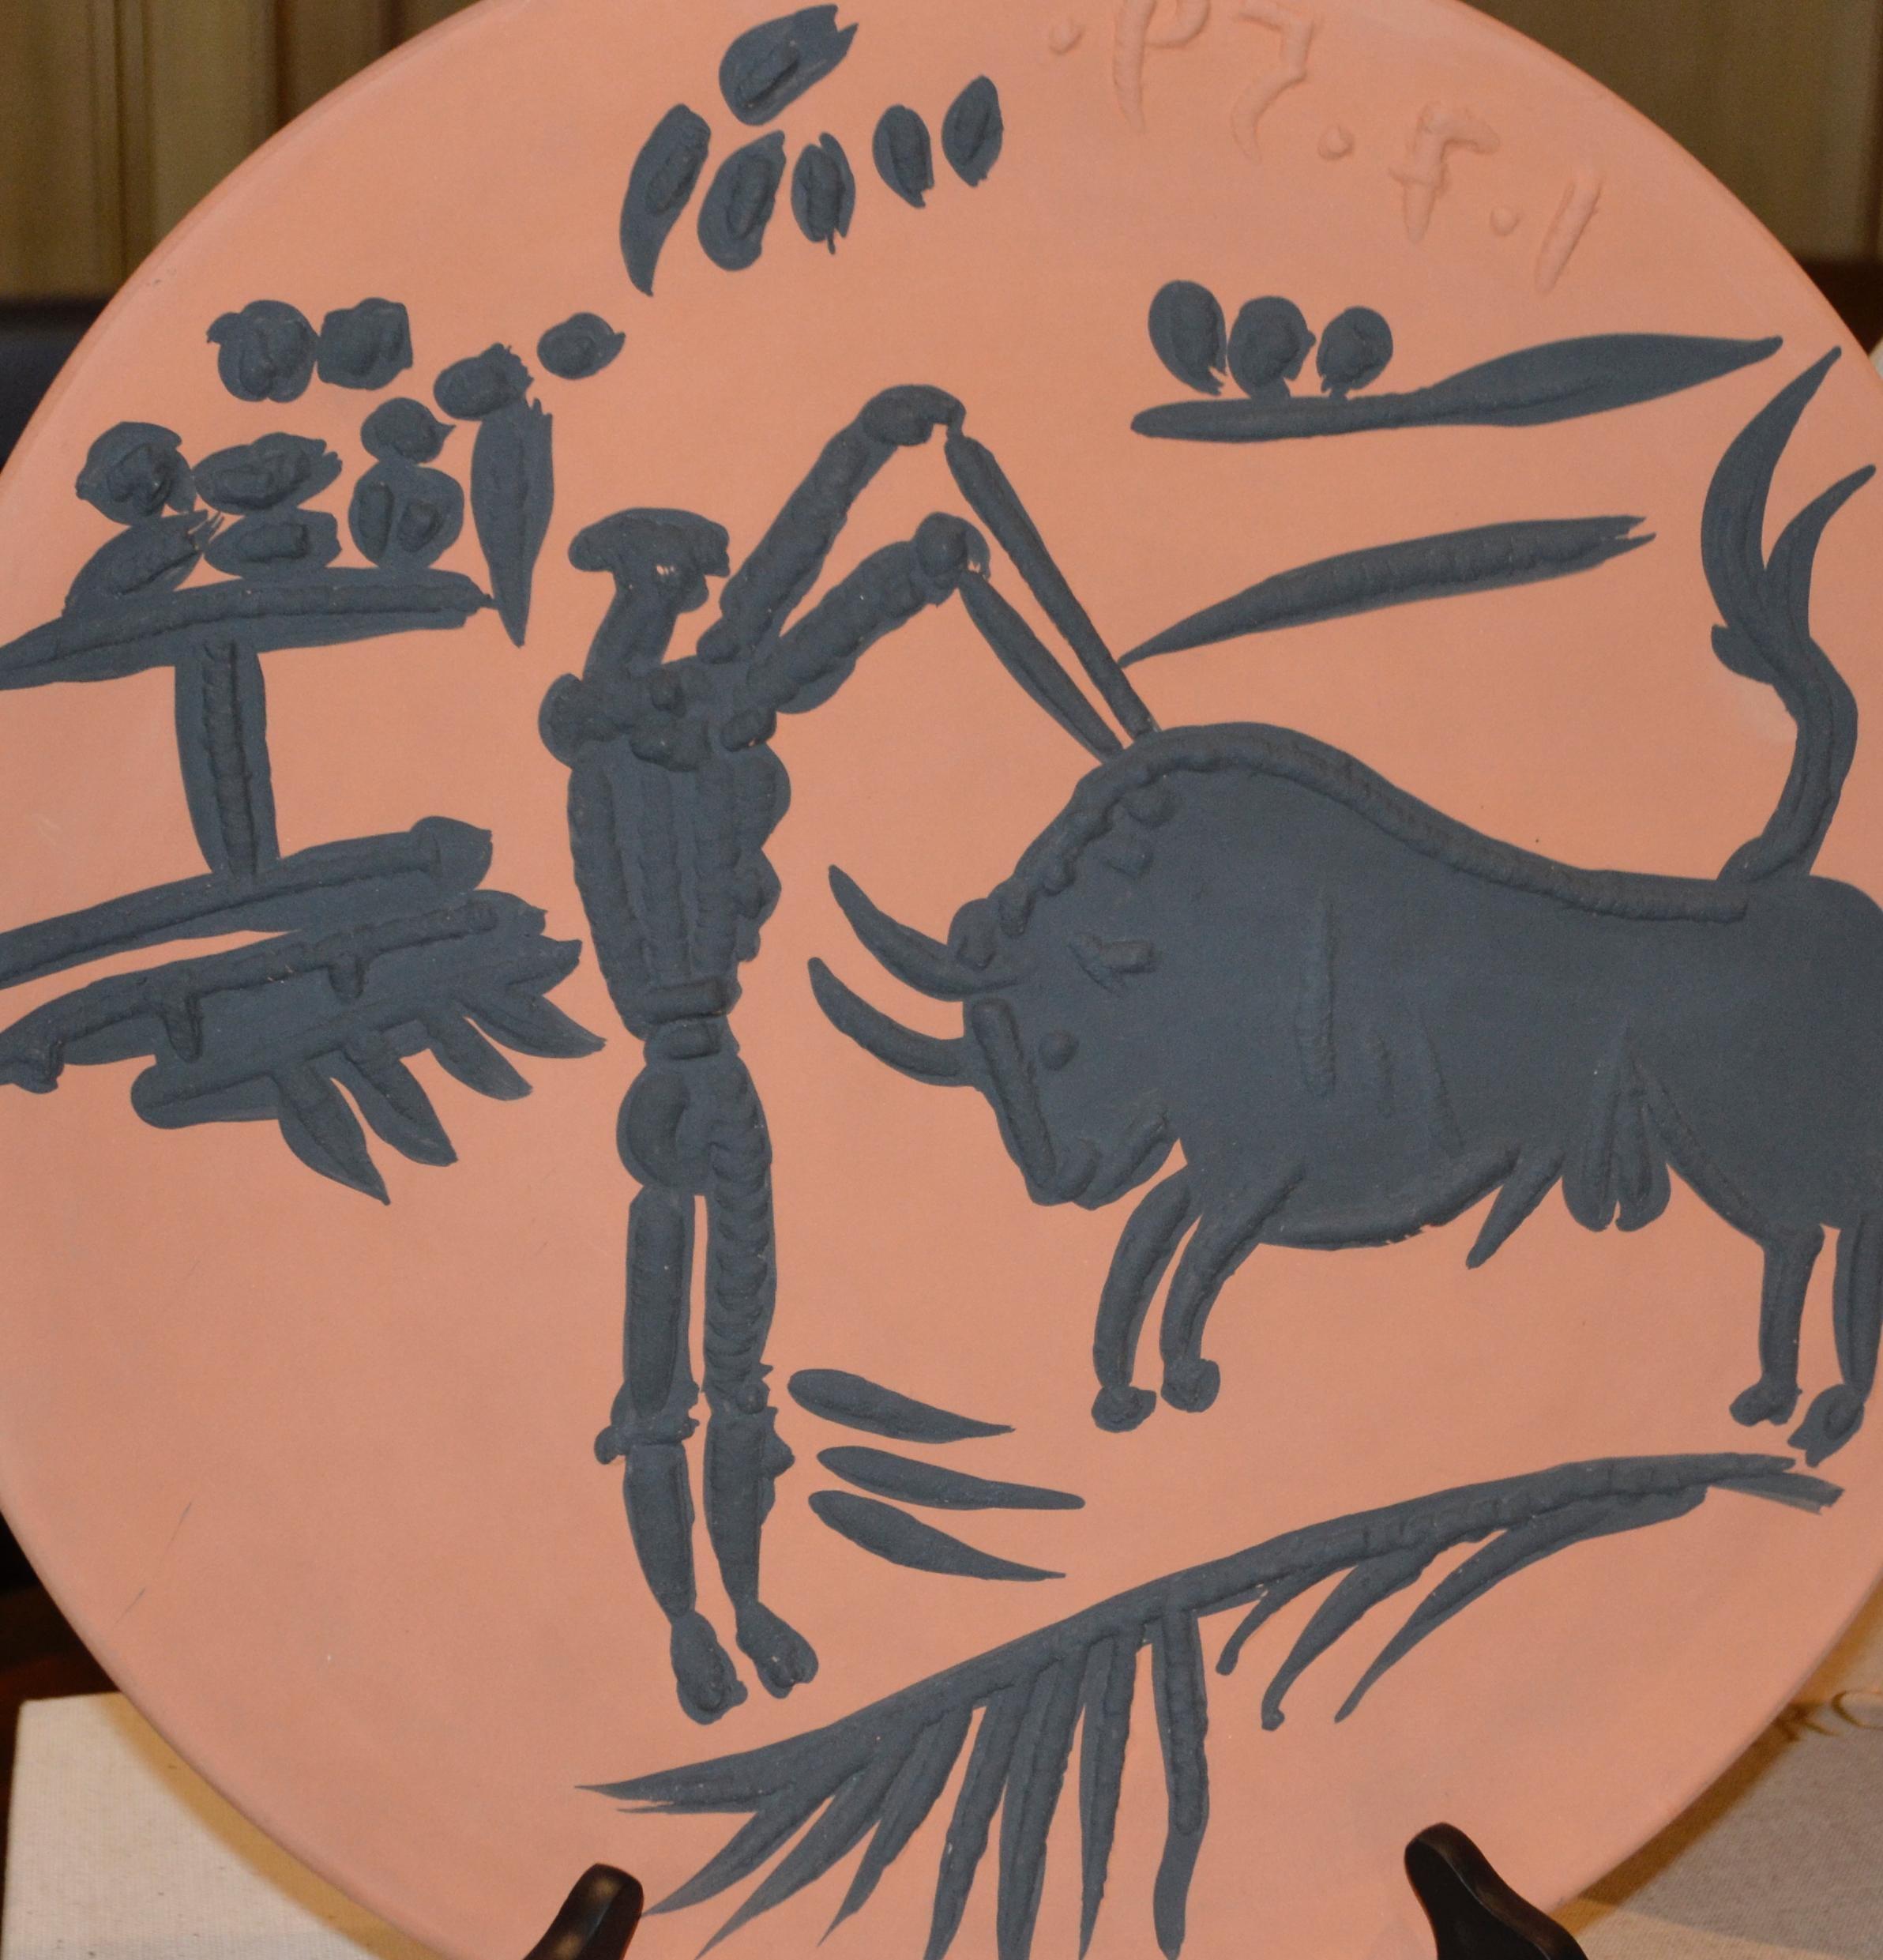 Ramie 427 Picasso Madoura Ceramic